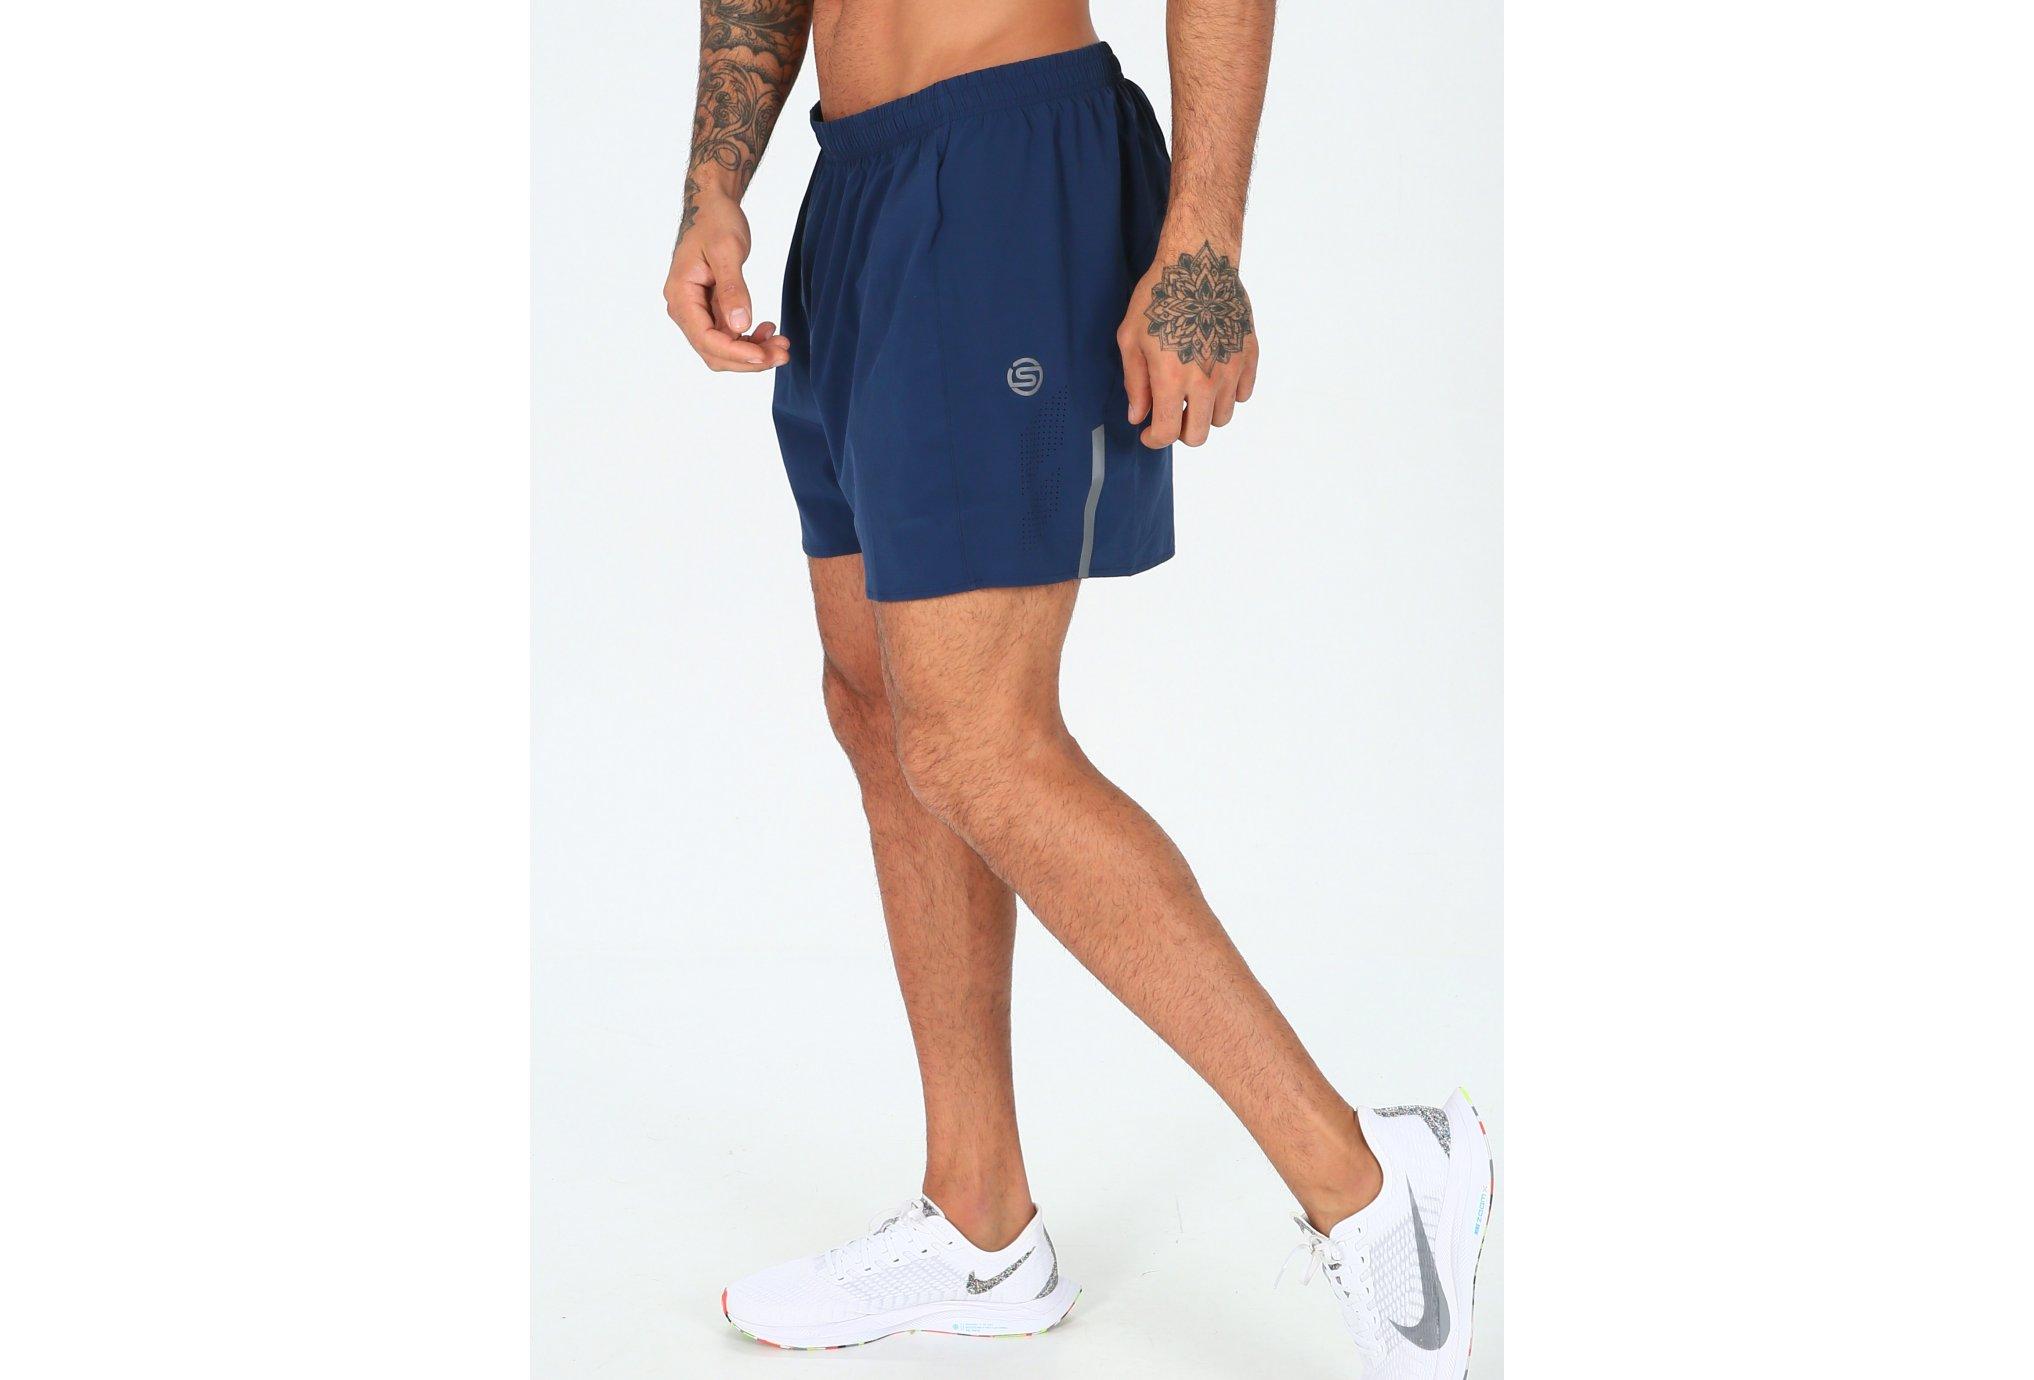 Skins Short Plus Attrex 4inch M Diététique Vêtements homme